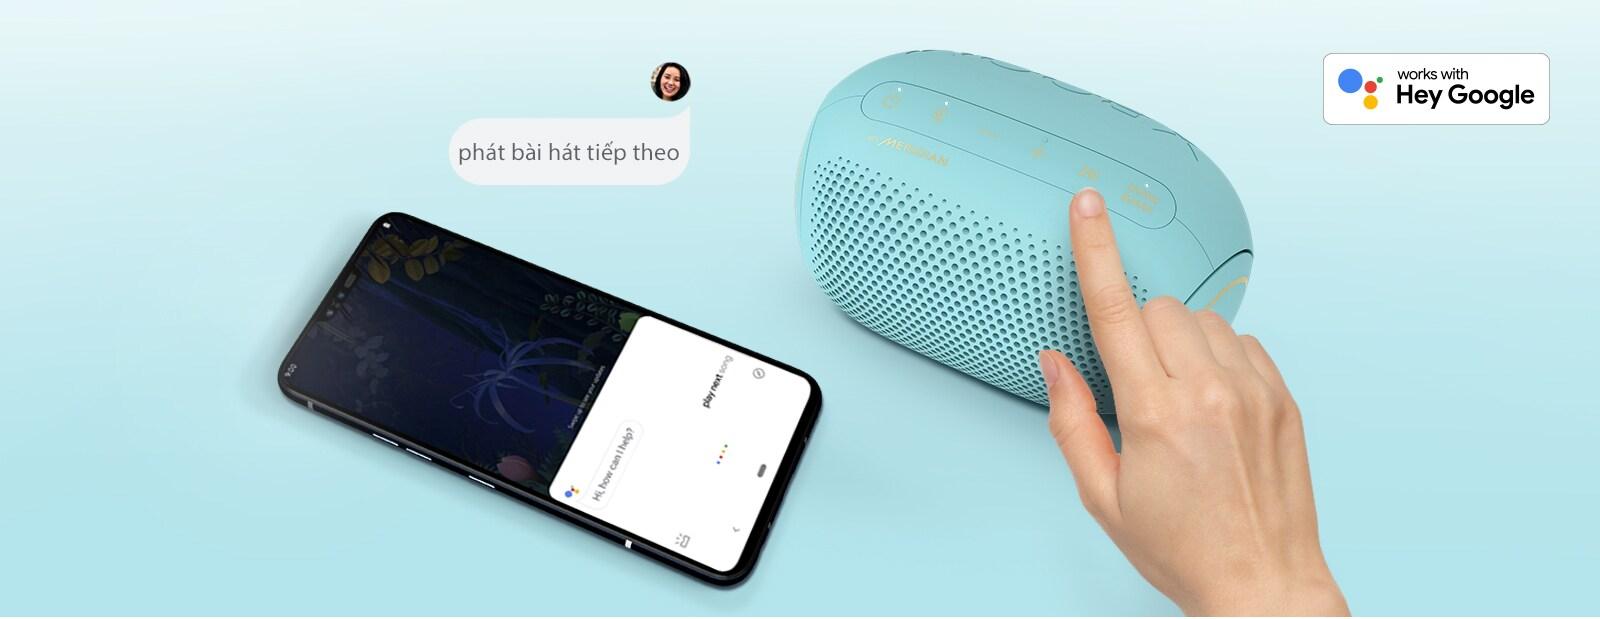 Hình chụp từ phía trên với một ngón tay đang ấn nút trên loa LG XBOOM Go PL2B và một chiếc điện thoại thông minh đặt cạnh có bong bóng thoại và logo Google